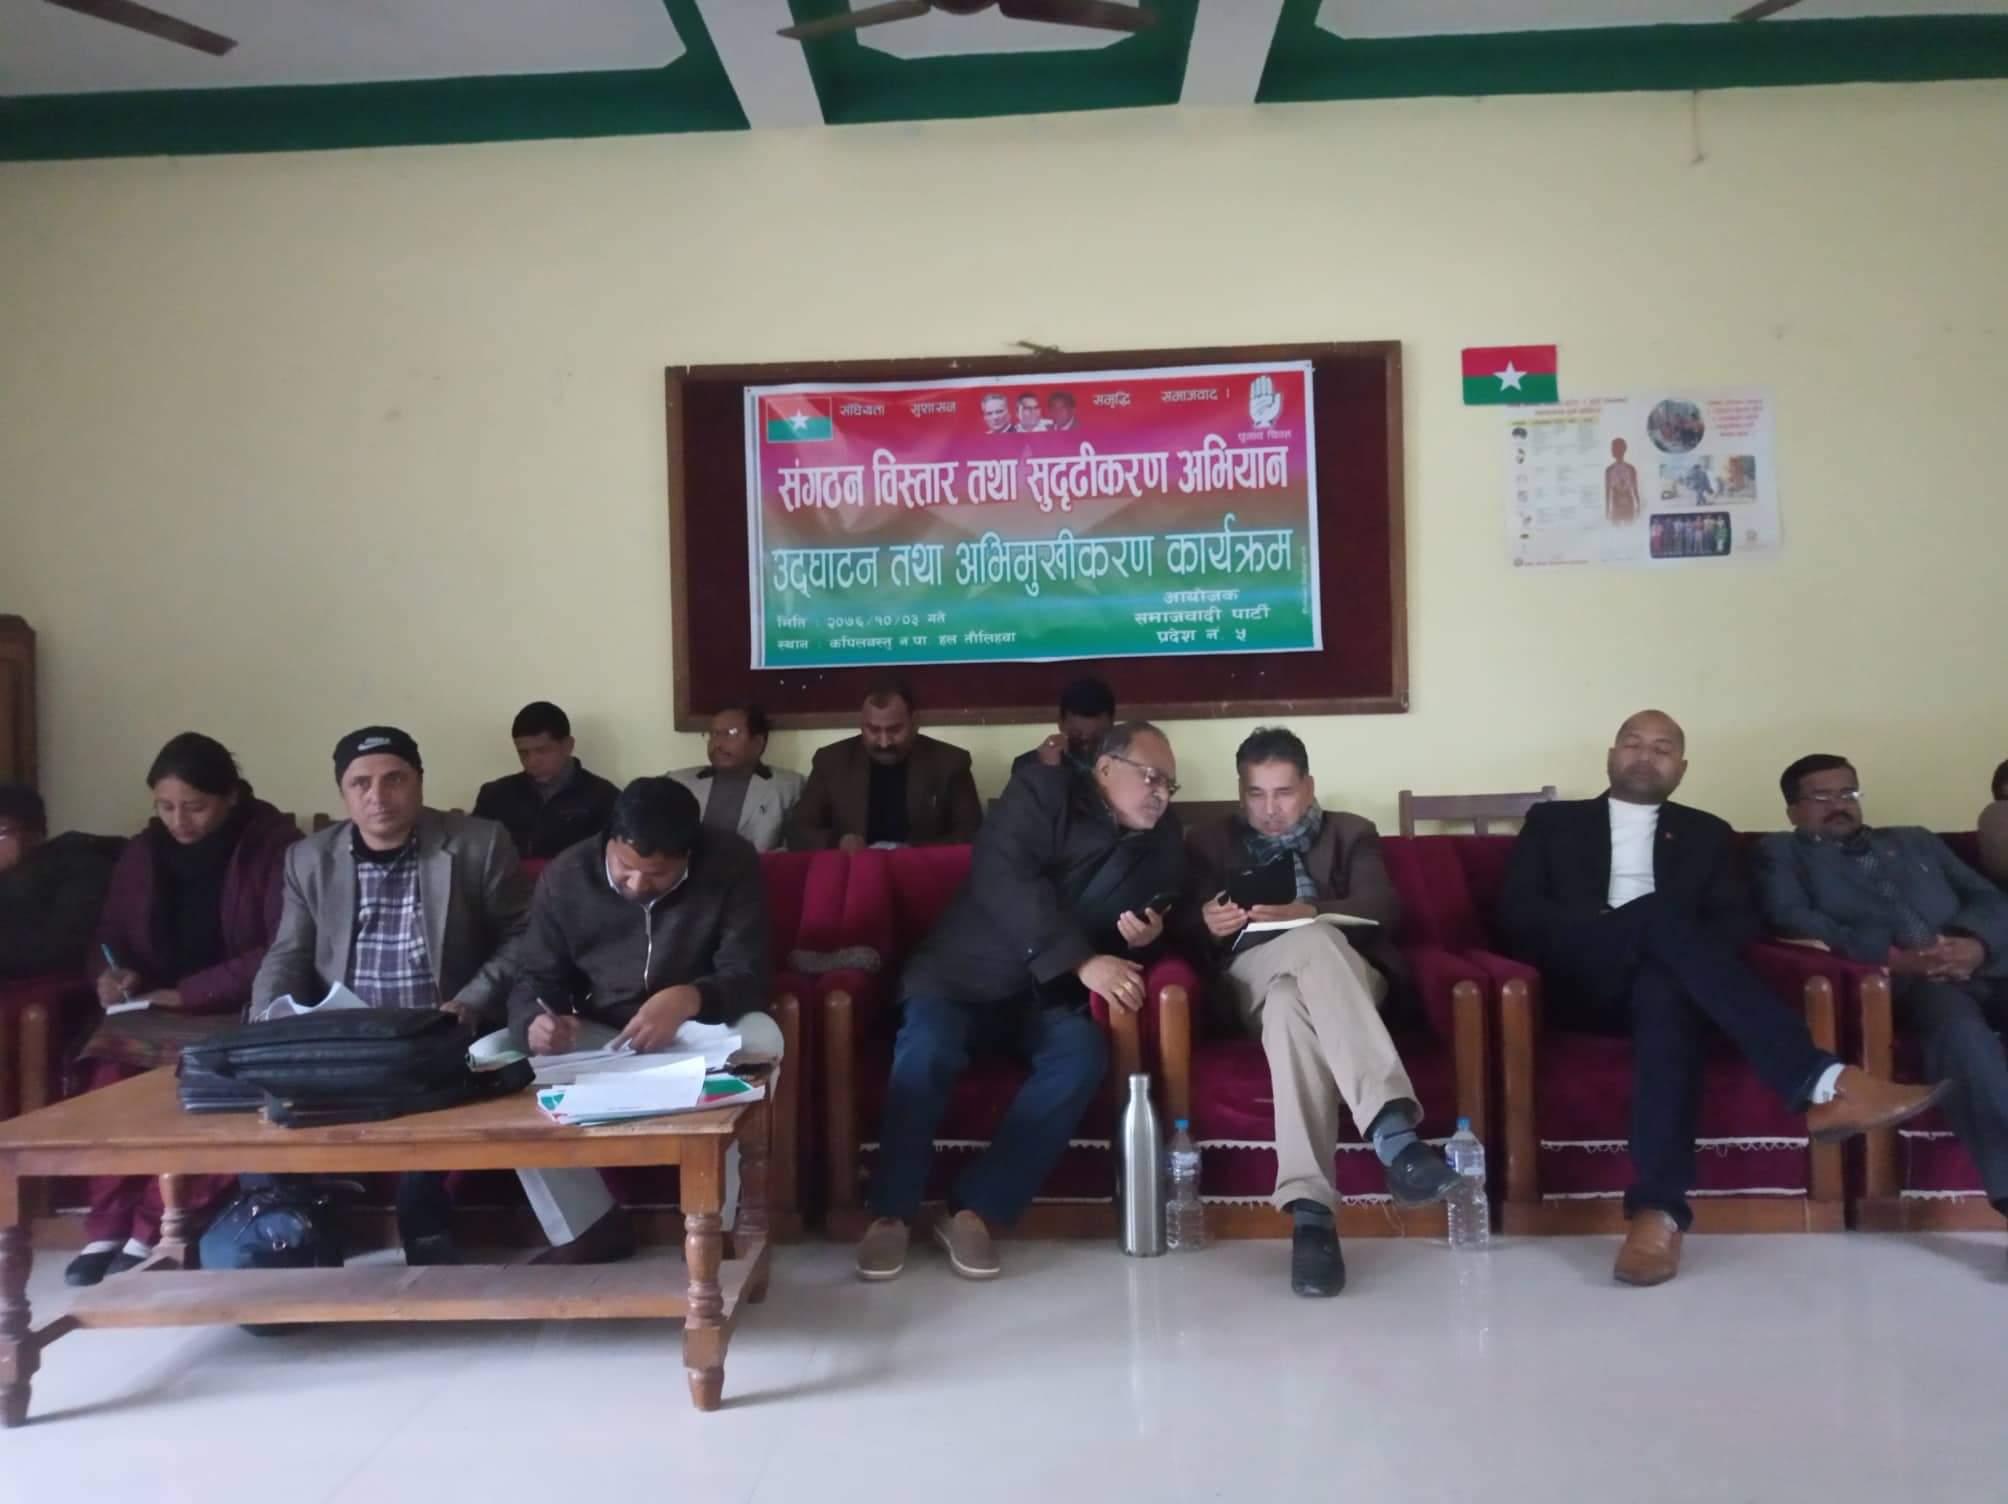 प्रदेश नं. ५ मा समाजवादीको संगठन विस्तार कार्यक्रम सुरुवात